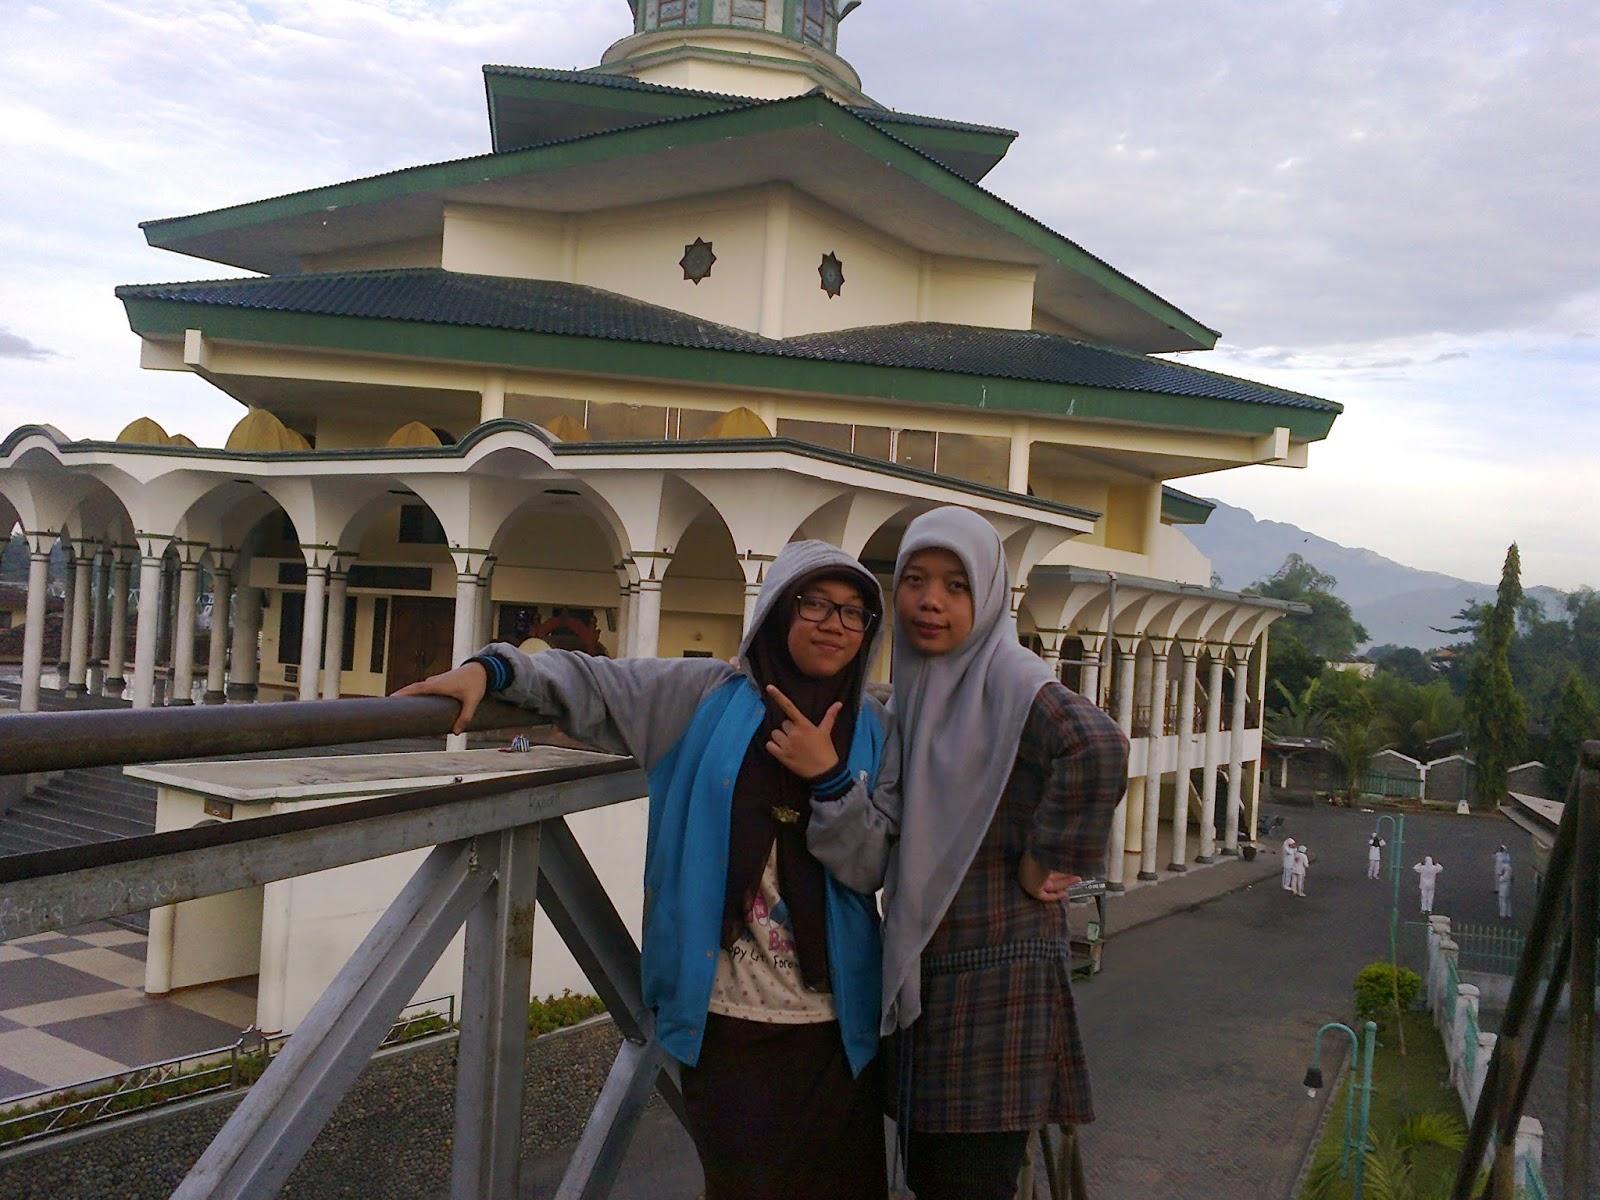 Masjid Agung Kediri Terbesar Termegah Kabupaten Kamu Memotret Pengunjung Tengah